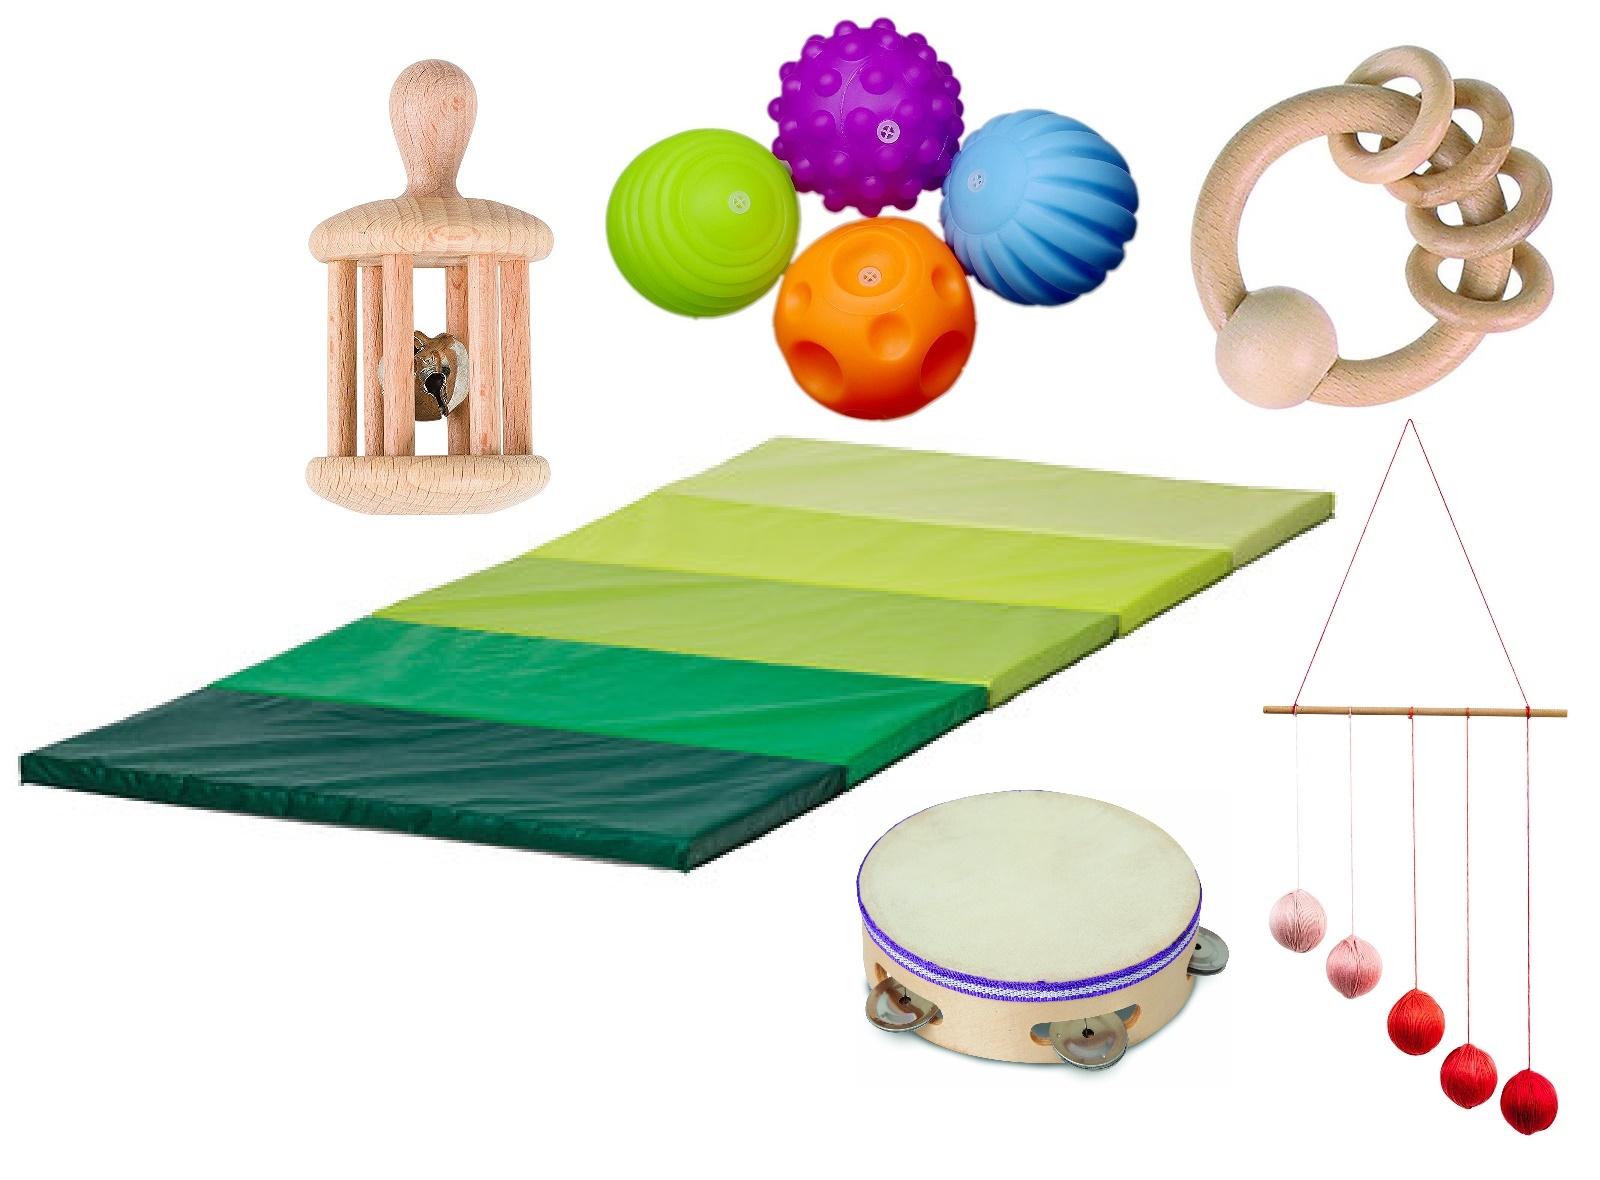 assmat maman des id es de cadeaux vraiment pas chers pour les 0 3 ans. Black Bedroom Furniture Sets. Home Design Ideas